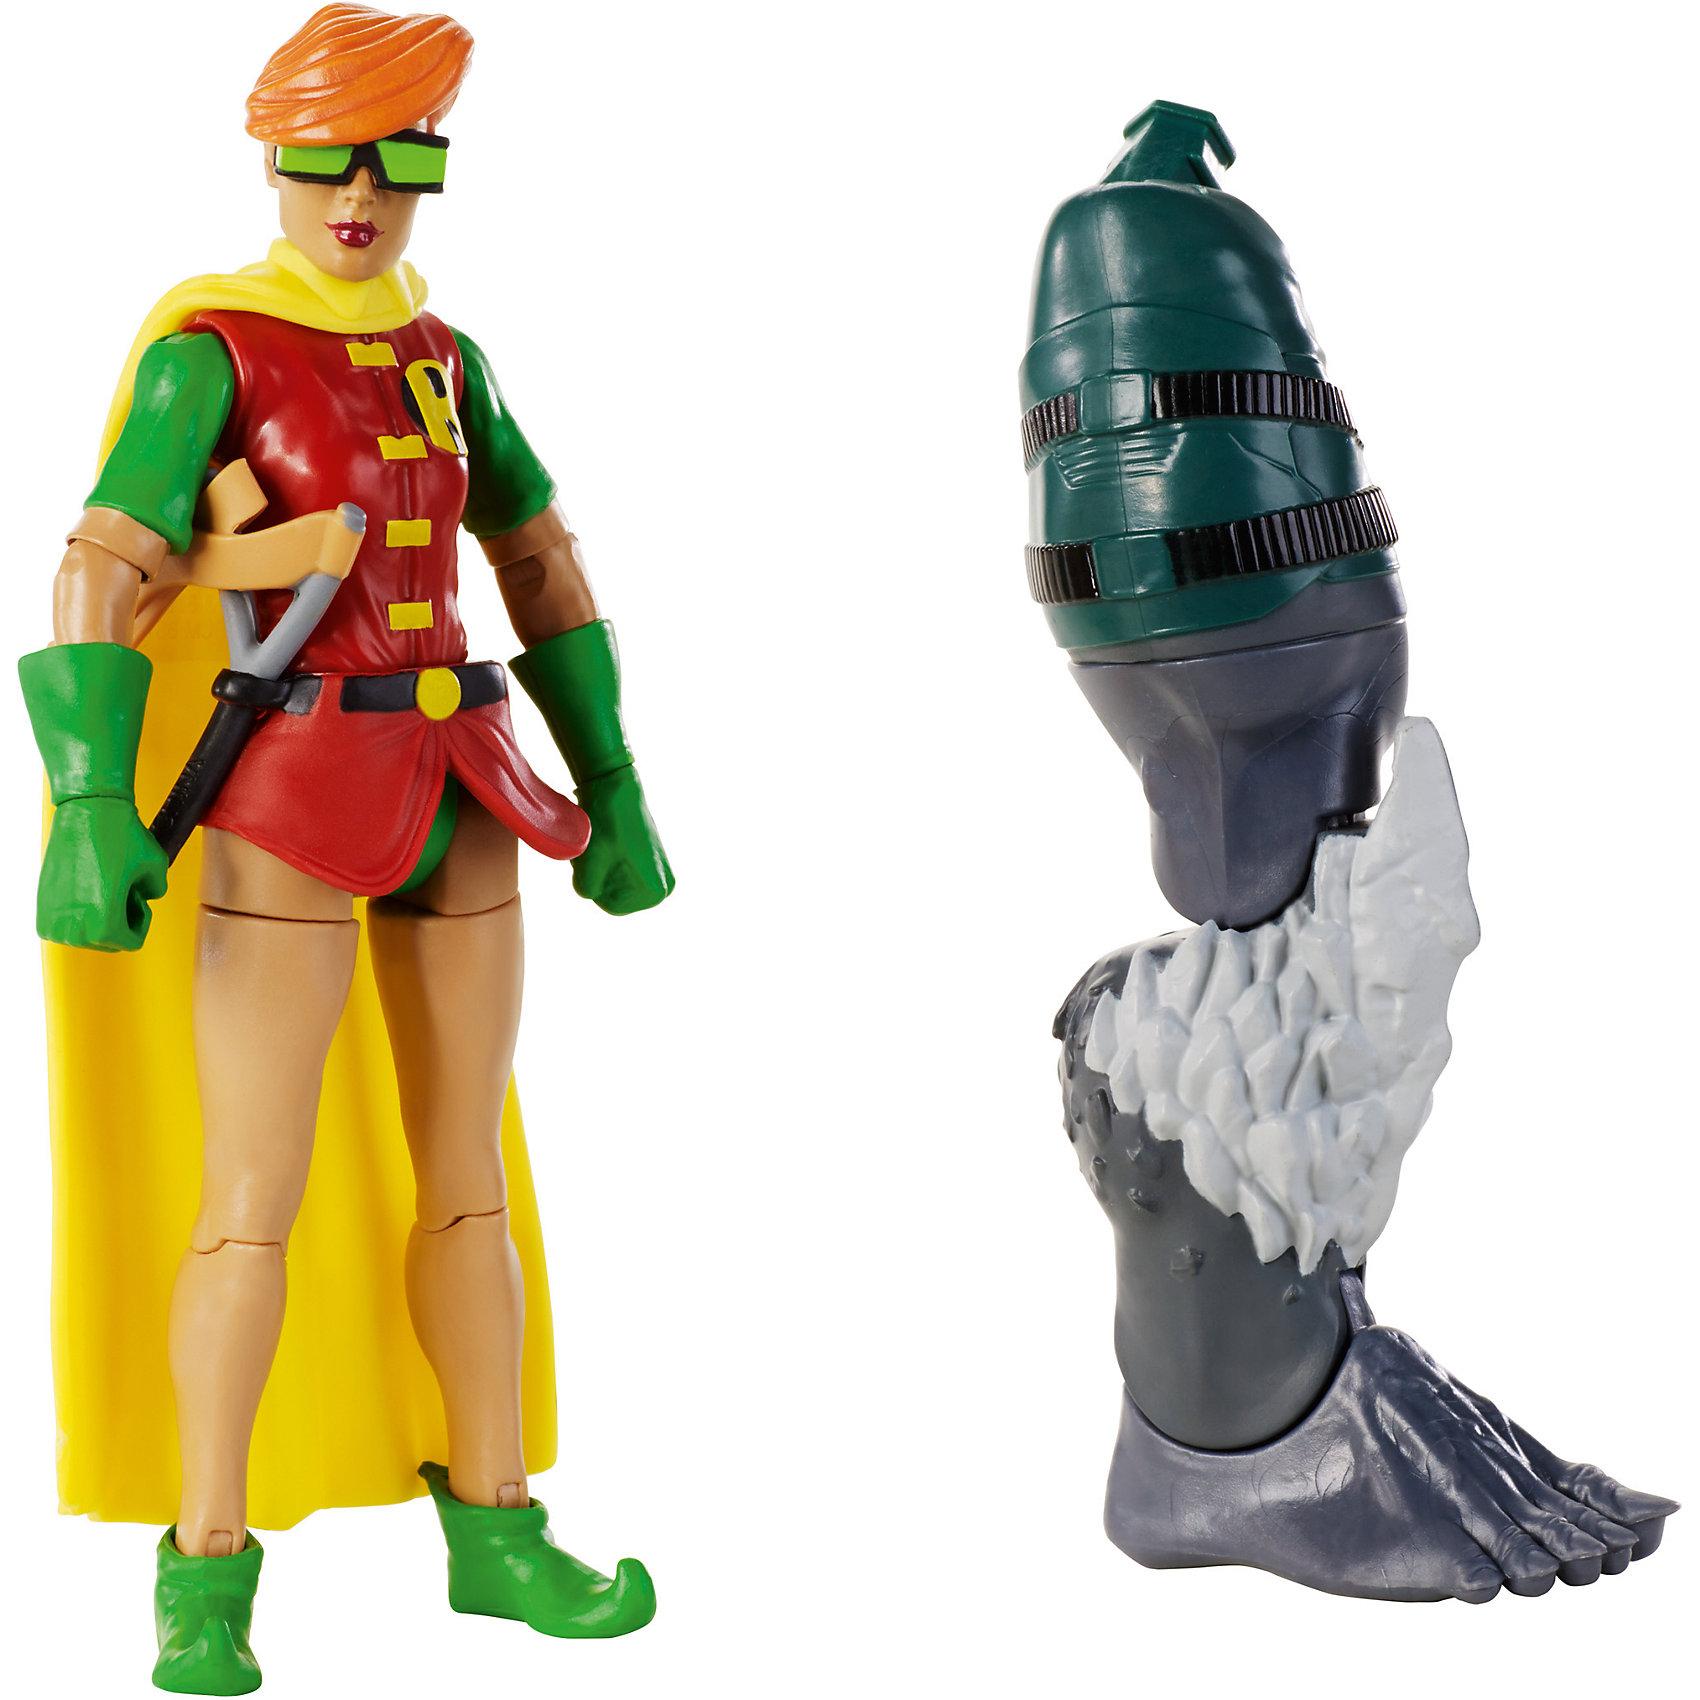 DC Comics: Робин из серии «Возращение тёмного рыцаря»Коллекционные и игровые фигурки<br>Фигурка DC Comics: Робин из серии «Возвращение тёмного рыцаря» от известного американского бренда детских игрушек Mattel (Маттел). Эта специальная серия Вселенной DC Comics состоит из фигурок главных героев. Фигурка Робин выпущена в соответствии с комиксом о Бэтмене, где он является супер героем и борцом за справедливость, а Робин – его новая помощница. Девочке всего 13 лет, но она отлично справляется со злодеями. Хорошо выполненная пятнадцати сантиметровая фигурка Робин имеет восемнадцать точек артикуляции. Руки поворачиваются в плечах, гнутся в локтях и кистях, торс поворачивается, можно посадить фигурку на поперечный шпагат, ноги гнутся в коленях, также двигаются ступни. Плащ костюма Робин состоит из мягкого пластика и гнется, позволяя фигурке двигаться. Насыщенные цвета и отличная детализация фигурки придет по вкусу как фанатам фильмов, так и фанатам супер героев и комиксов.<br>Дополнительная информация:<br><br>- В набор входит: фигурка, декоративная рогатка, правая нога Думсдея<br>- Состав: пластик<br>- Размер: около 10 см. <br><br>Фигурку DC Comics: Робин из серии «Возвращение тёмного рыцаря» можно купить в нашем интернет-магазине.<br><br>Ширина мм: 55<br>Глубина мм: 150<br>Высота мм: 265<br>Вес г: 252<br>Возраст от месяцев: 48<br>Возраст до месяцев: 120<br>Пол: Мужской<br>Возраст: Детский<br>SKU: 5032899